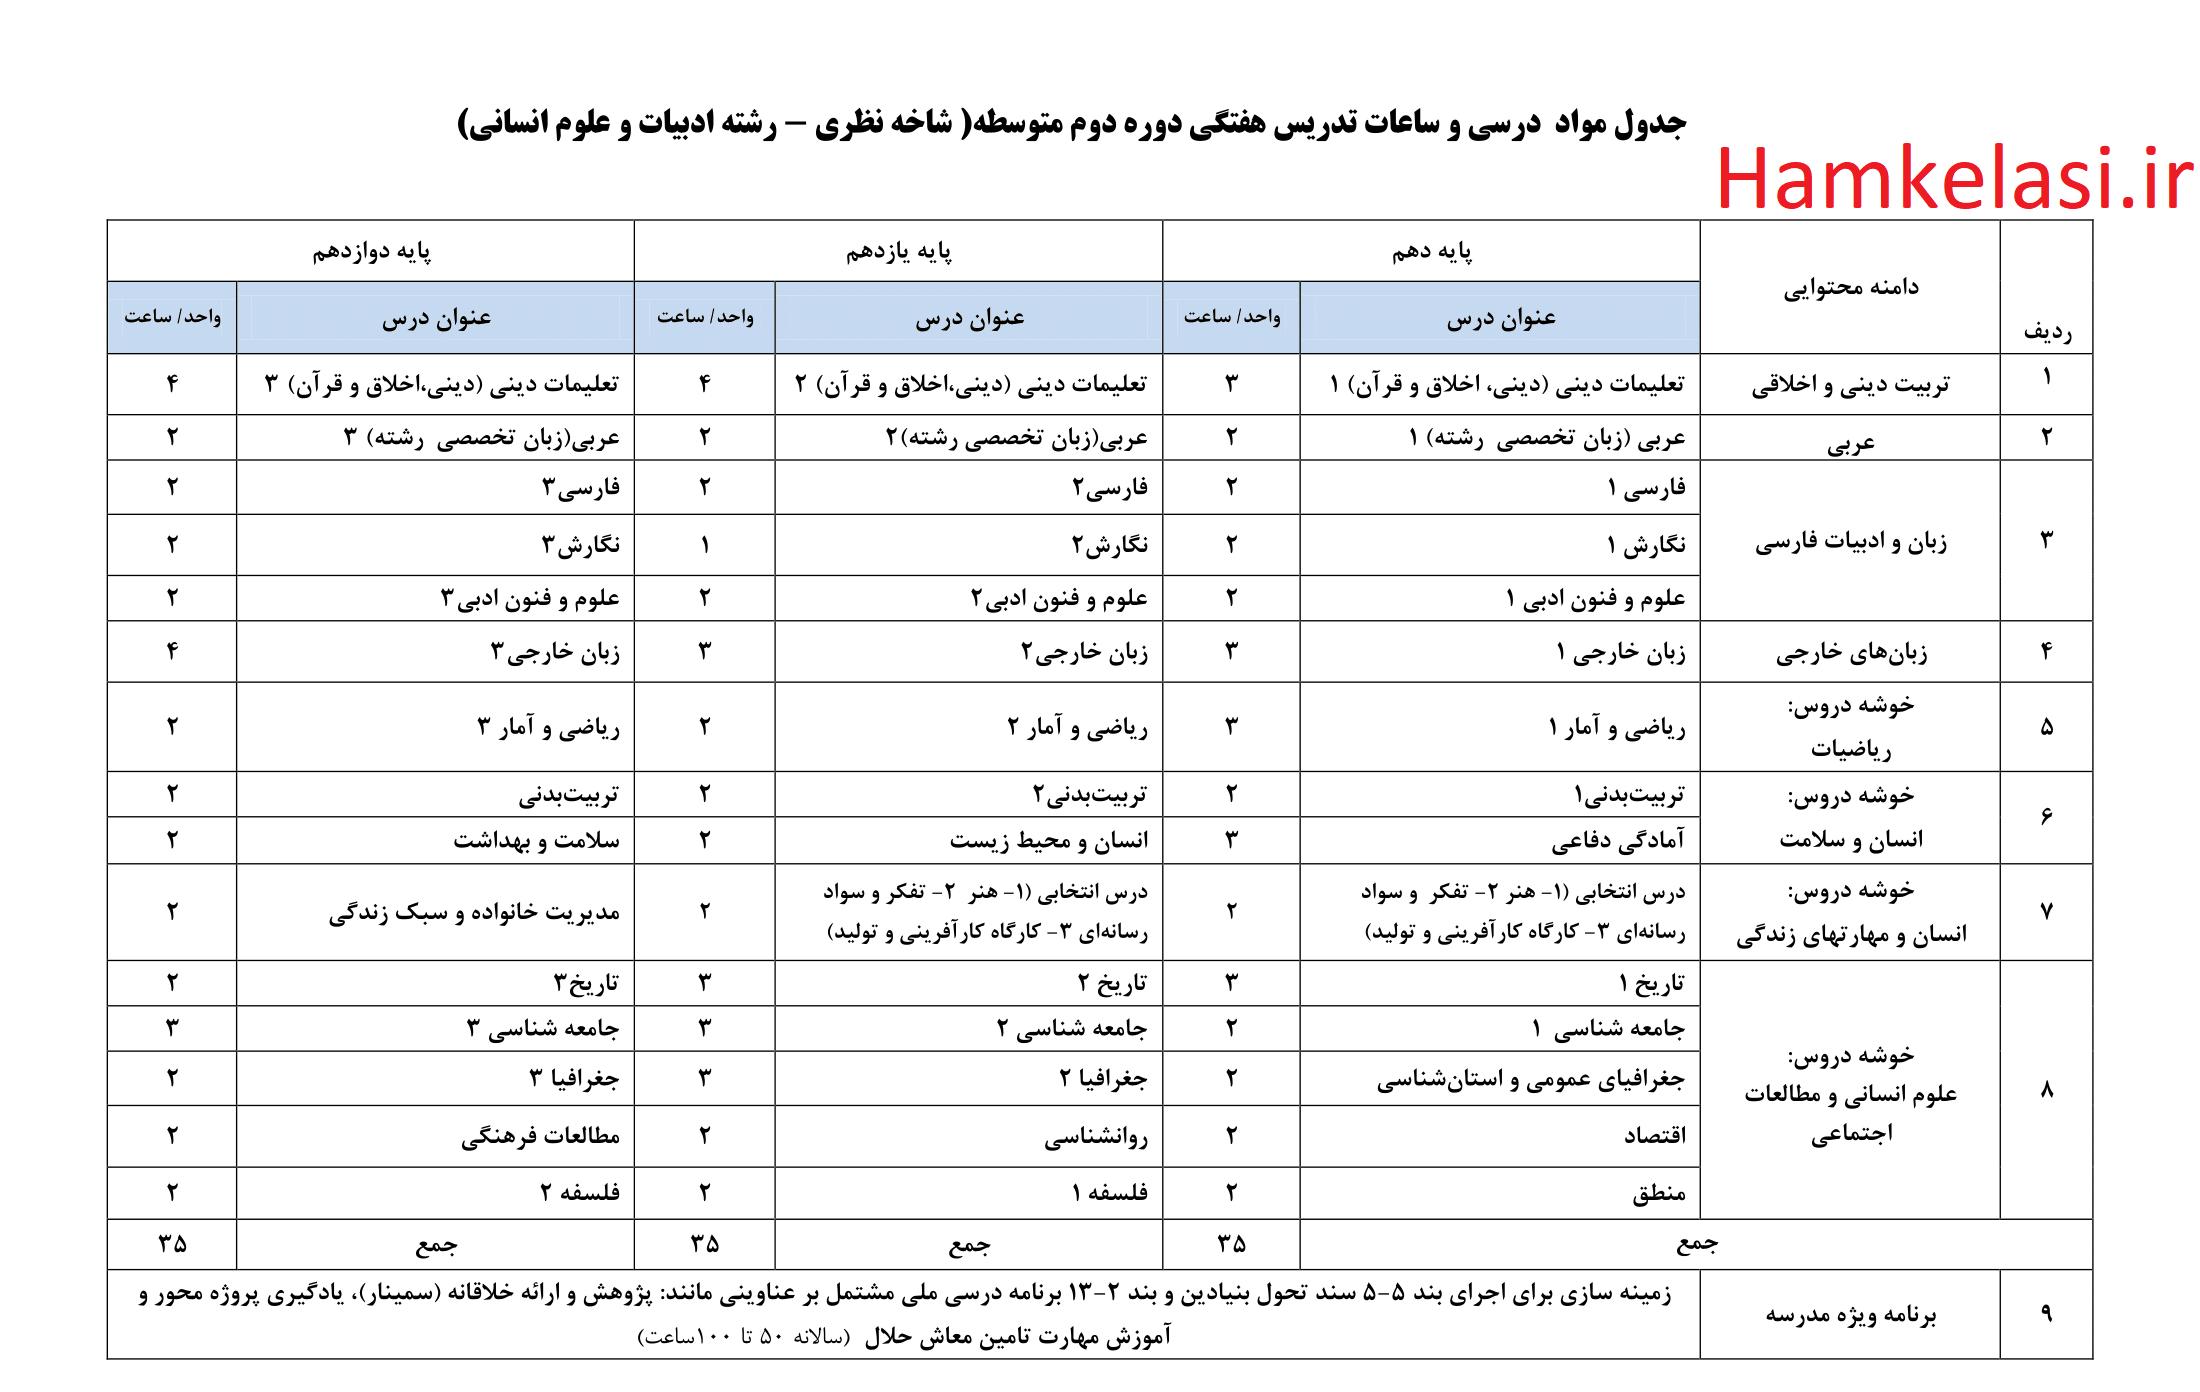 معدل لازم برای انتخاب رشته تجربی اول متوسطه محصل ایرانی